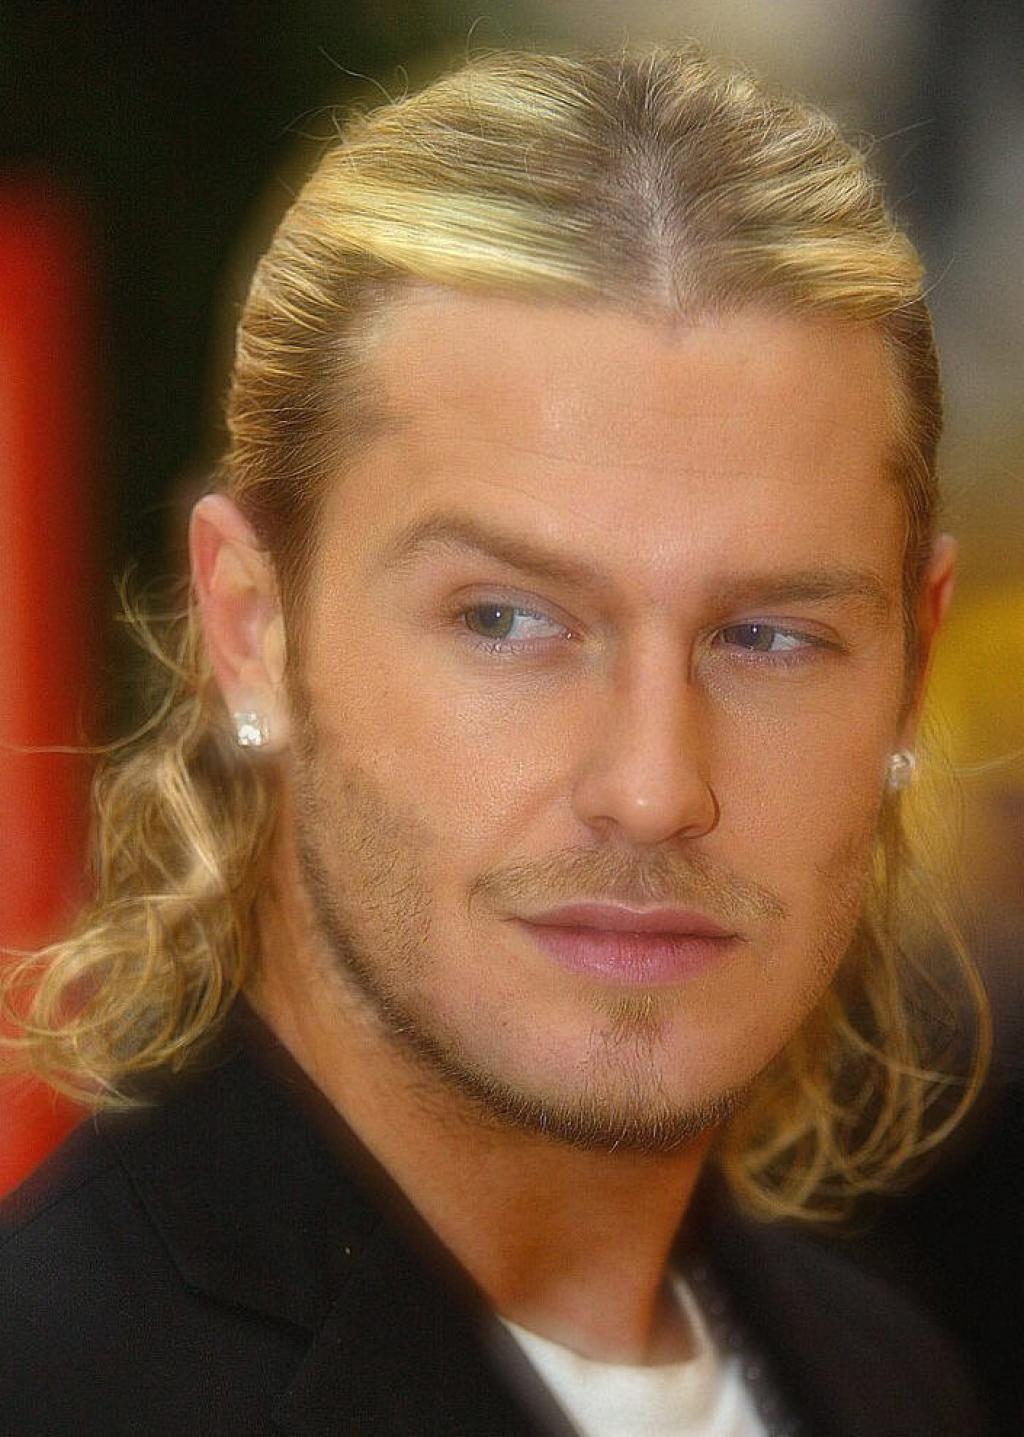 David Beckham  Long hair styles men, David beckham hairstyle